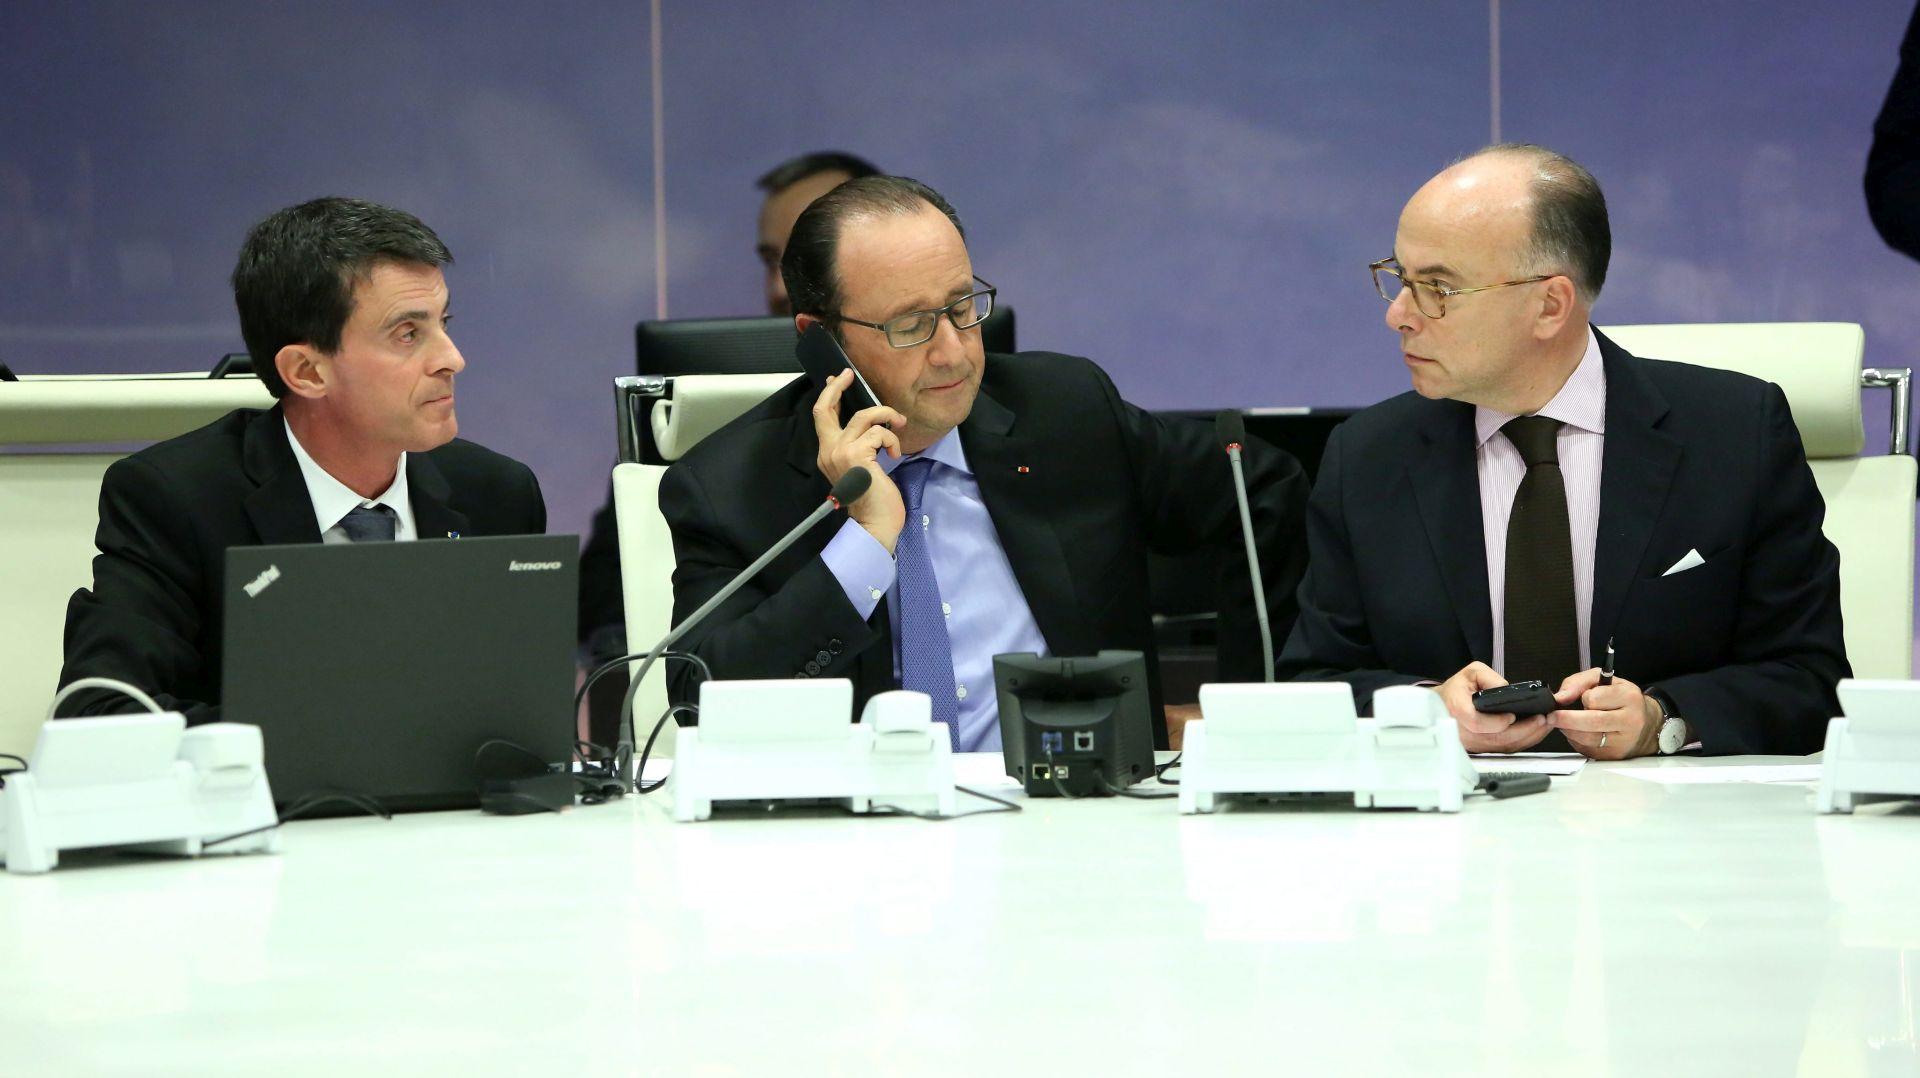 SVIJET ZGROŽEN TERORISTISTIČKIM NAPADIMA Hollande: Bit ćemo nemilosrdni